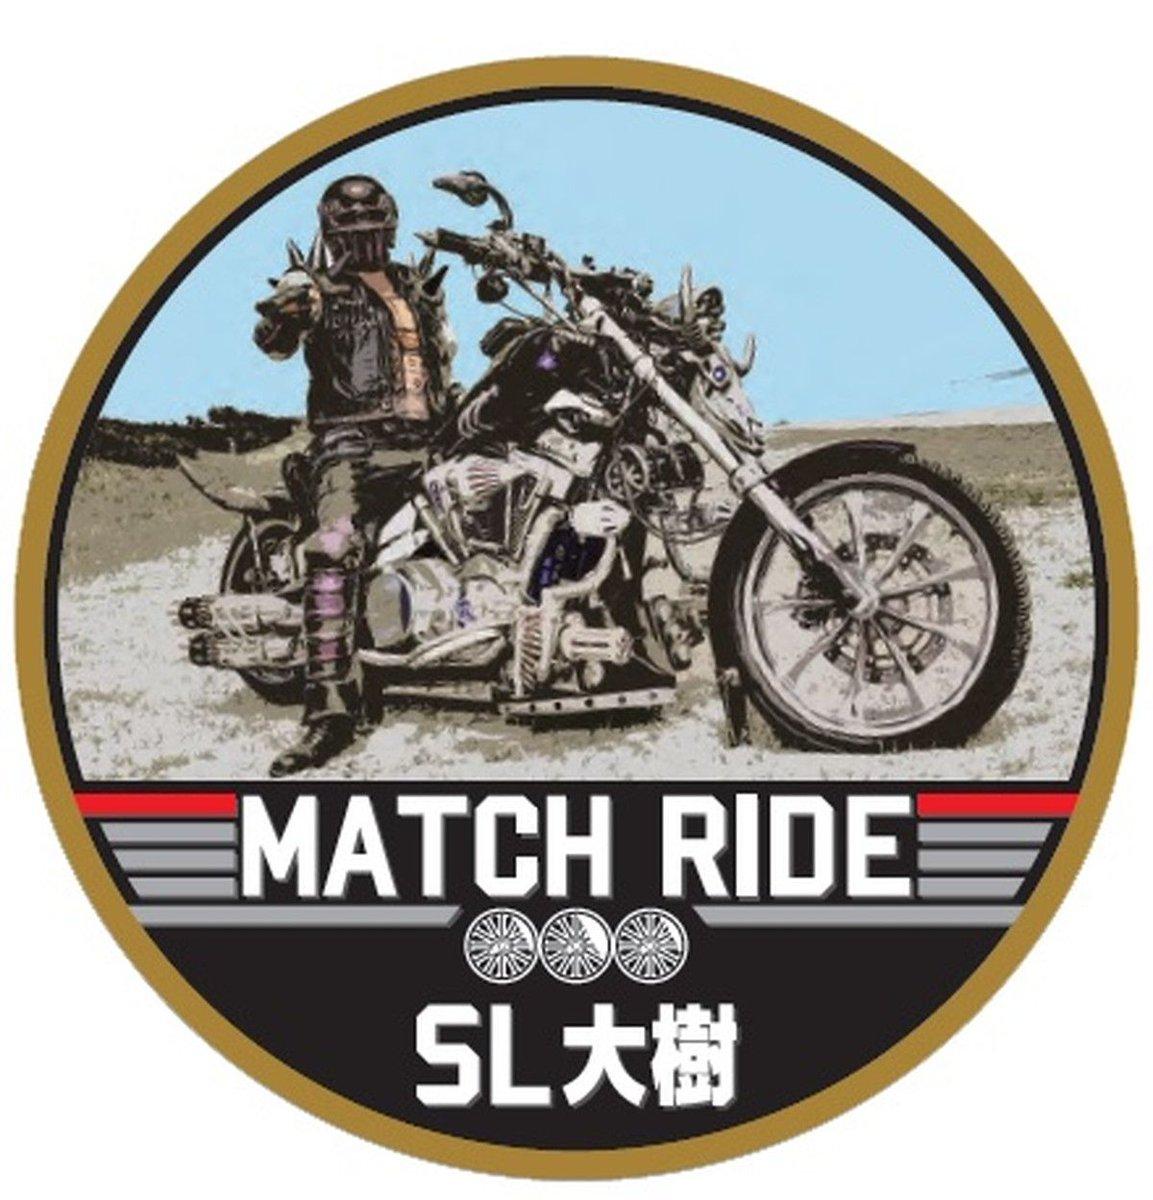 test ツイッターメディア - 「じゃ、ジャギ!?」何かスゴそうな人が来る! 東武鉄道が「バイク愛好家向けイベント」、下今市で開催 11月7日 https://t.co/Pzpb0KOUKZ  「鉄道会社」がバイク好き向けイベントを開催! 世紀末仕様のジャギさんが来て、SL大樹も「バイク」のヘッドマークを掲げて走ります。秋ツー予定の人はぜひー https://t.co/9EN0YotXMn